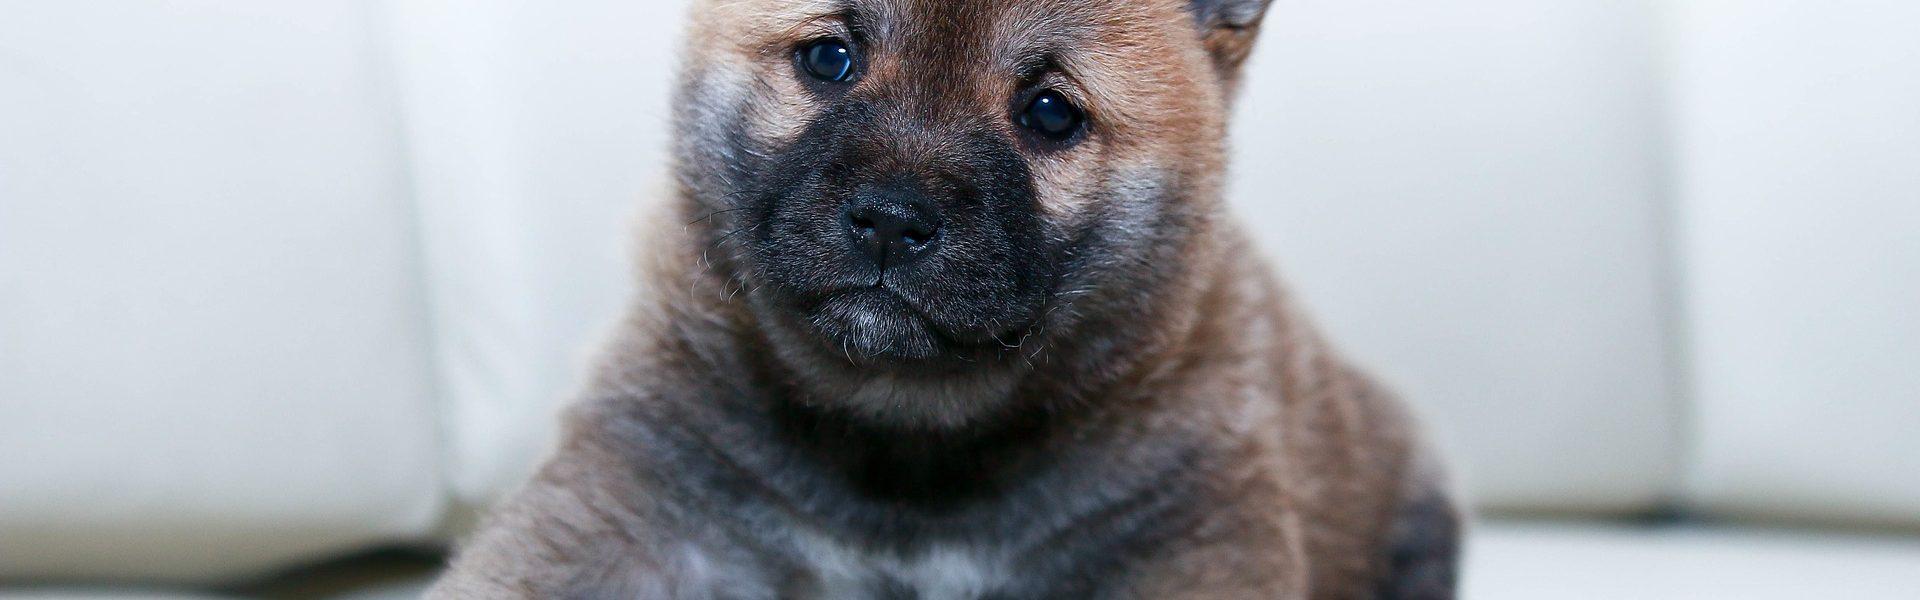 Wat heb je nodig voor de komst van een puppy?